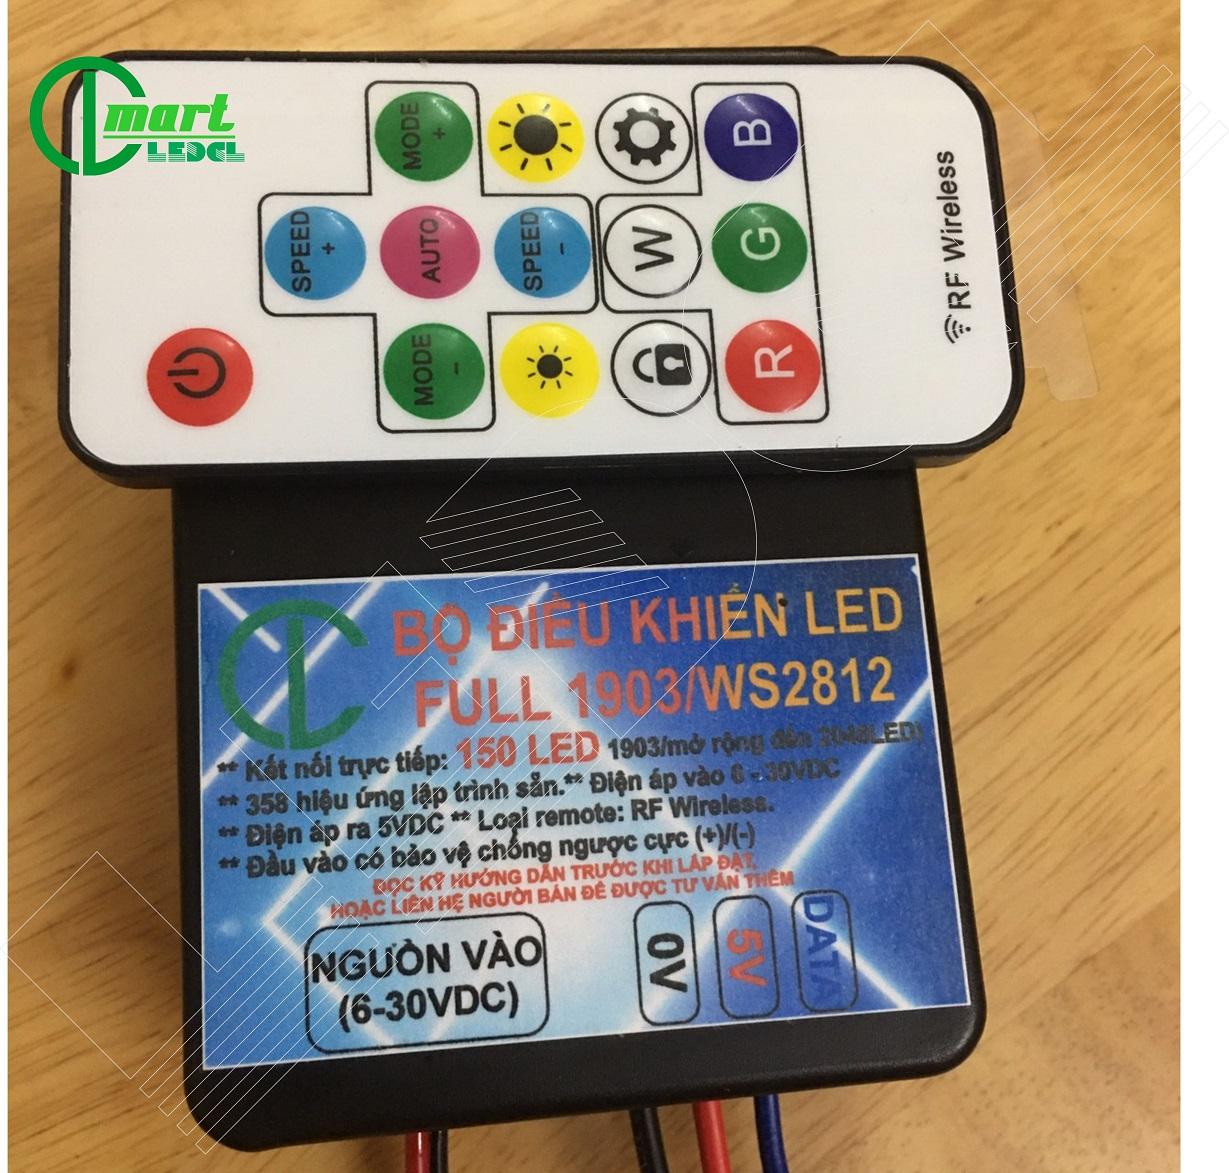 bo-dieu-khien-150-300-led-full-color-1903-ws2812-1916-8206-cho-xe-tai-led-galang